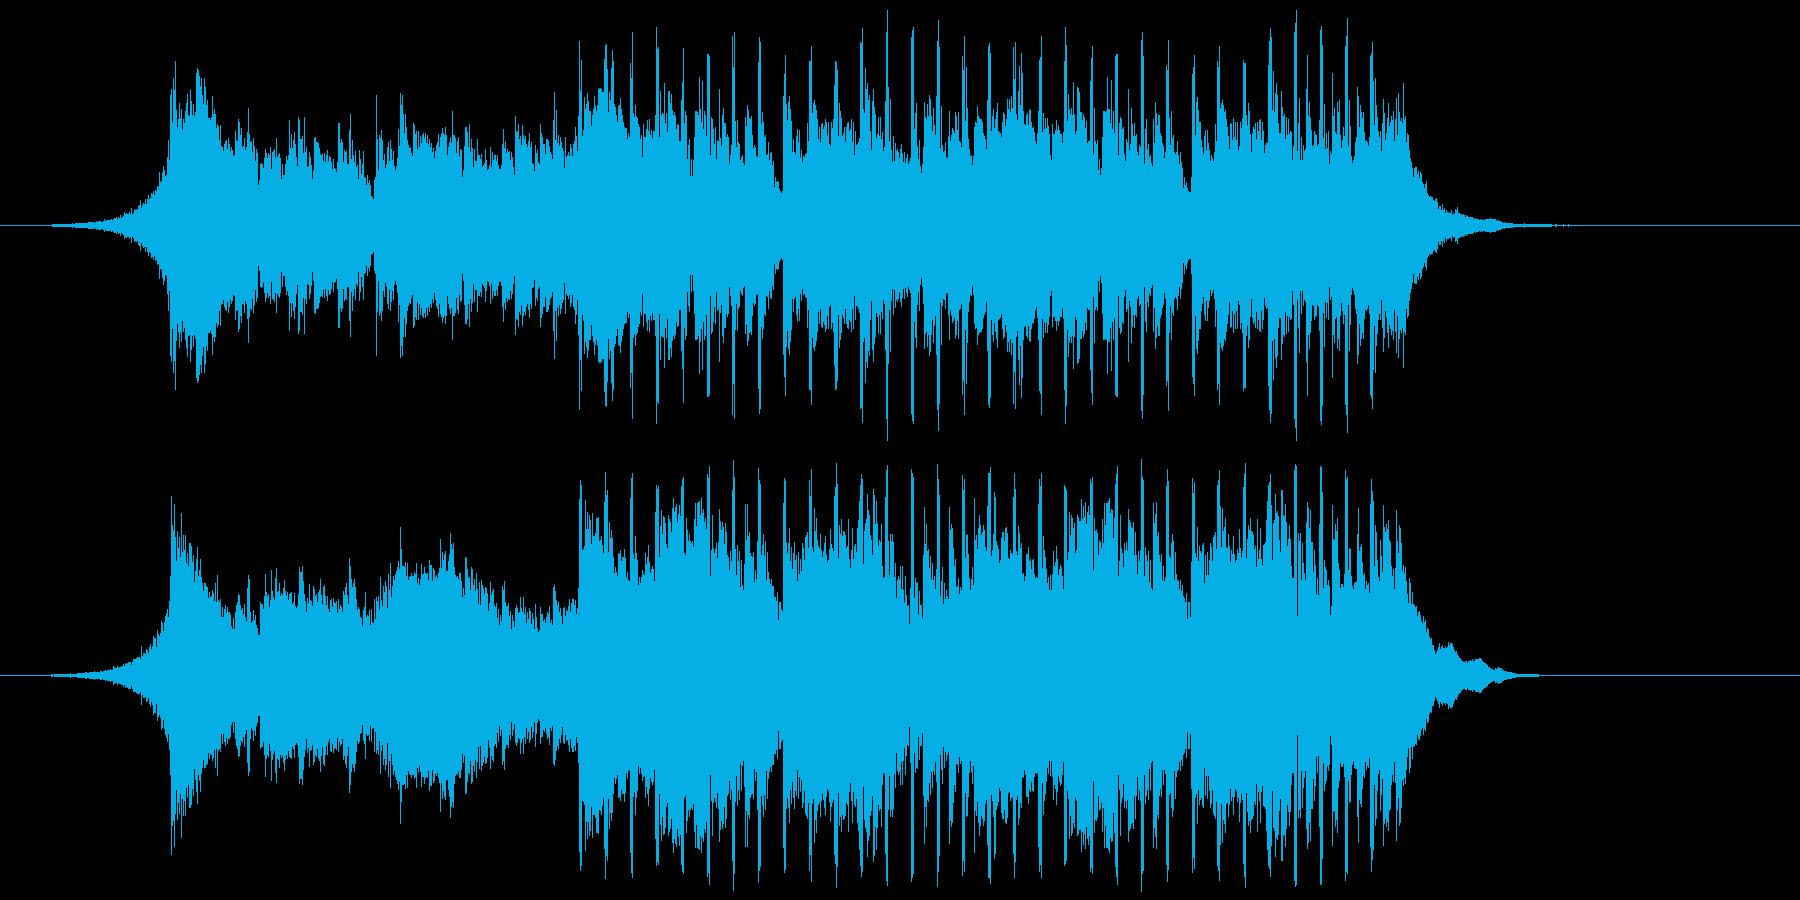 【爽やか】努力で乗り越える応援BGMの再生済みの波形